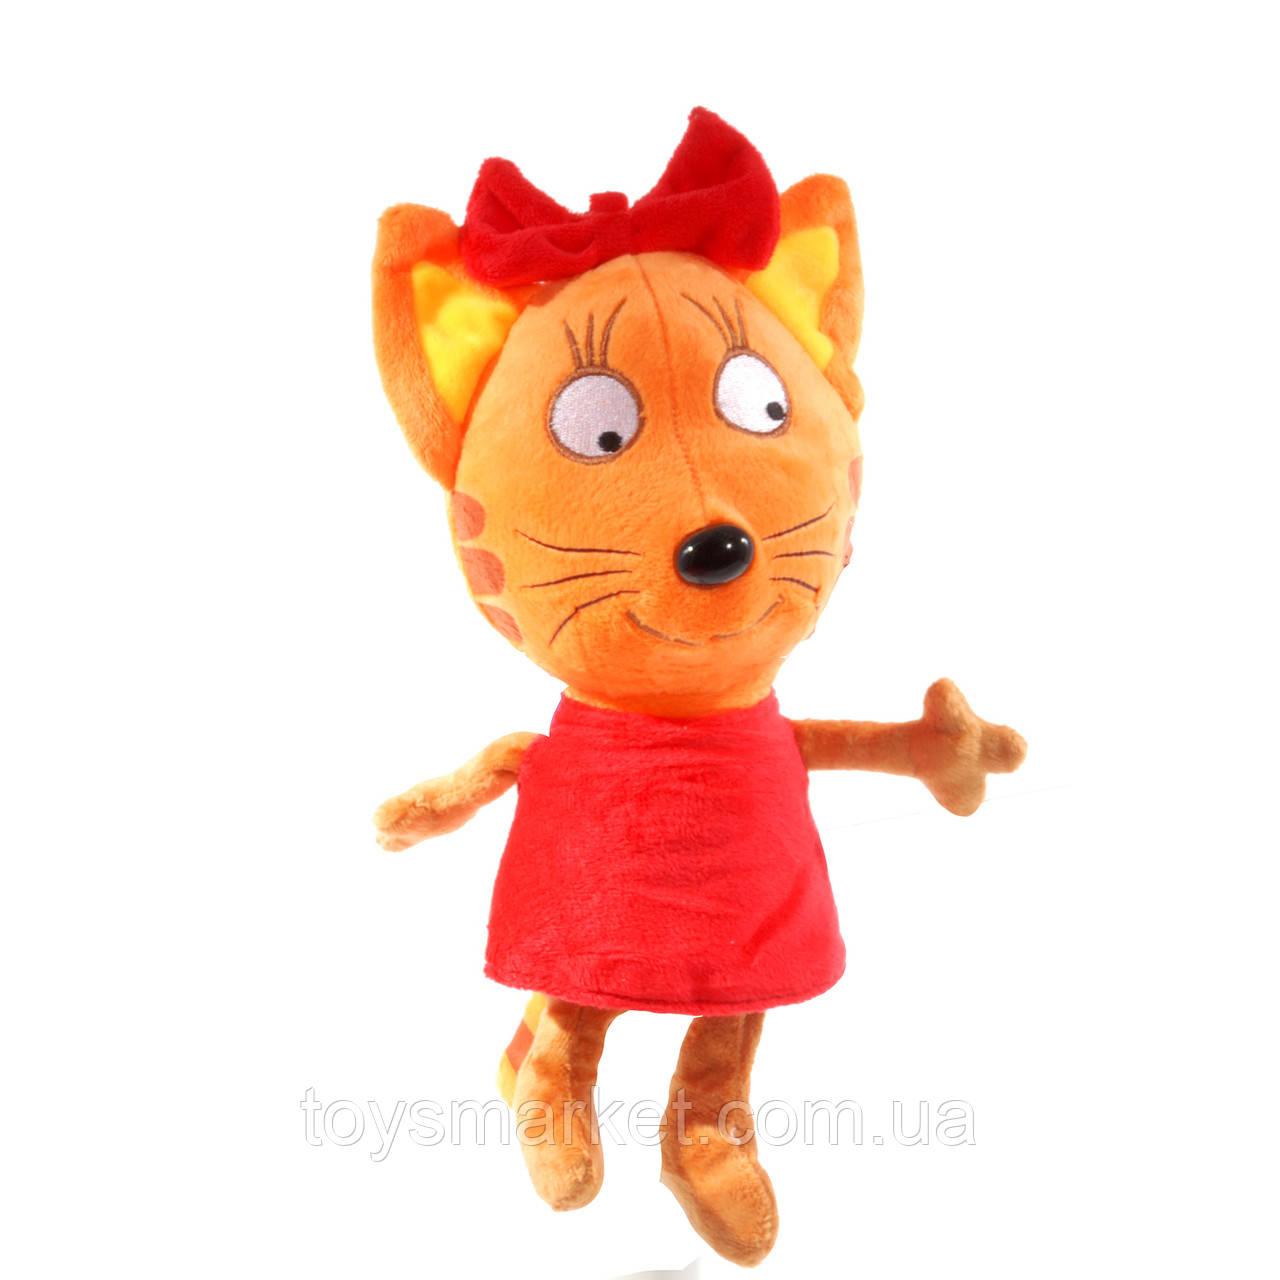 Мягкая игрушка Карамелька, Три Кота